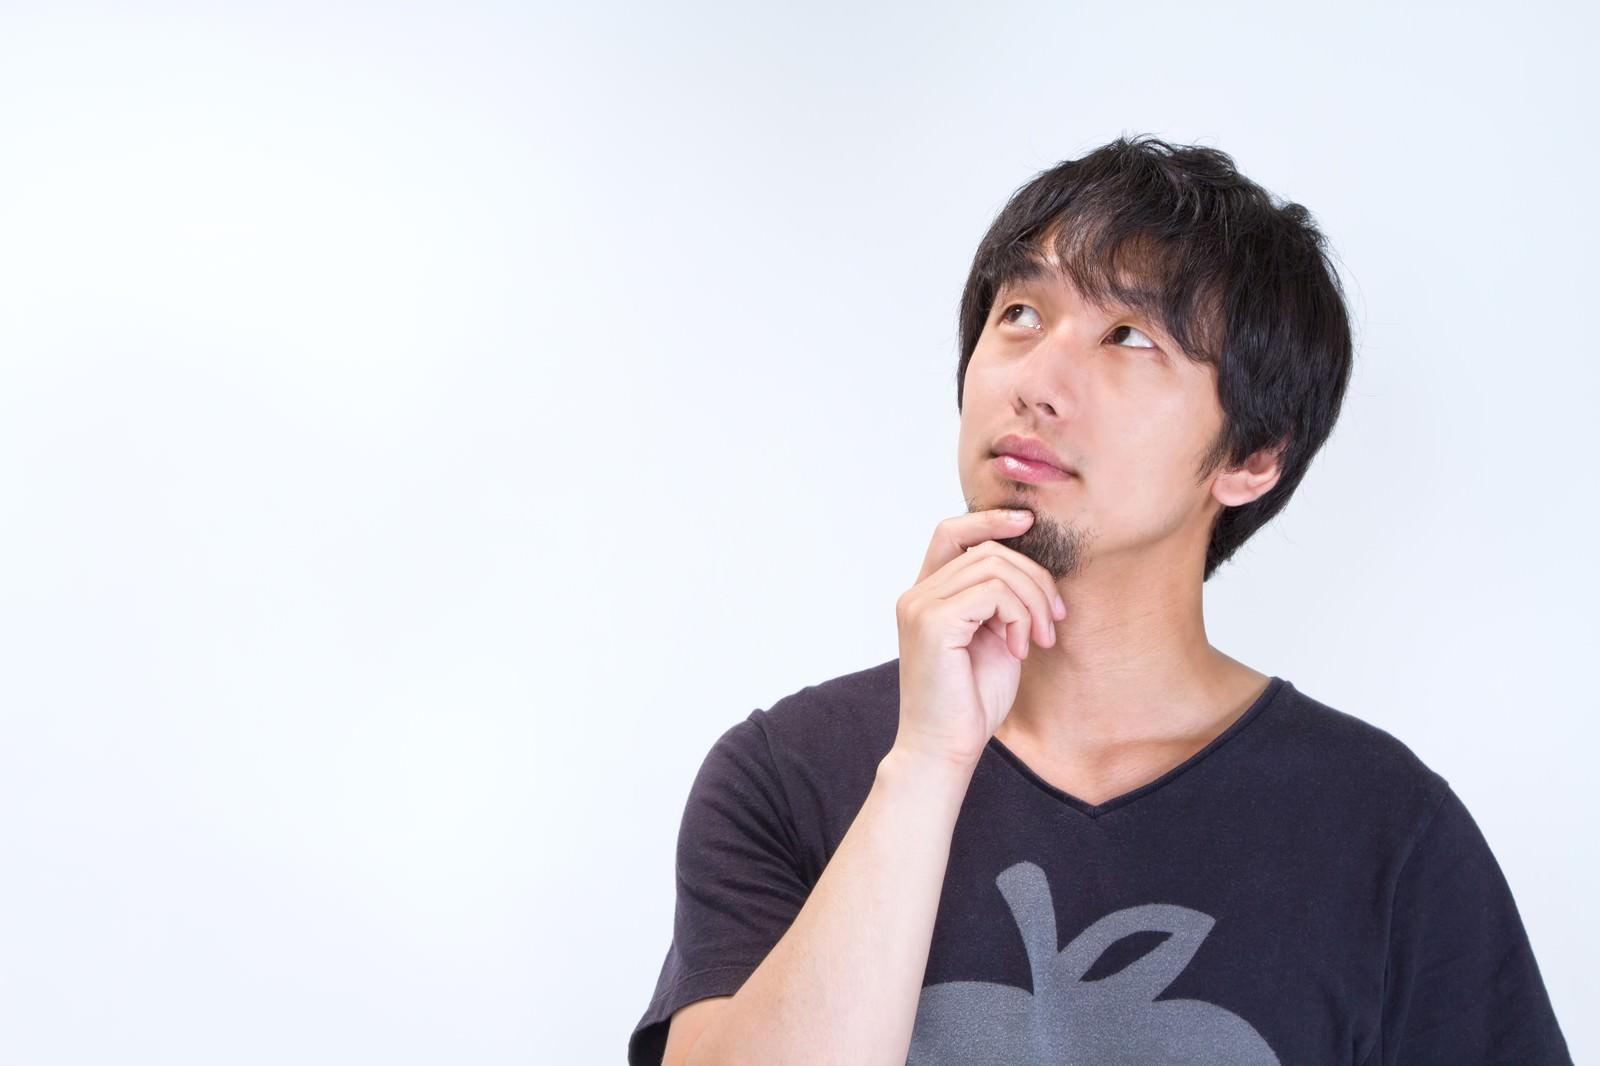 「ヒゲをいじり上を見上げる男性」の写真[モデル:大川竜弥]